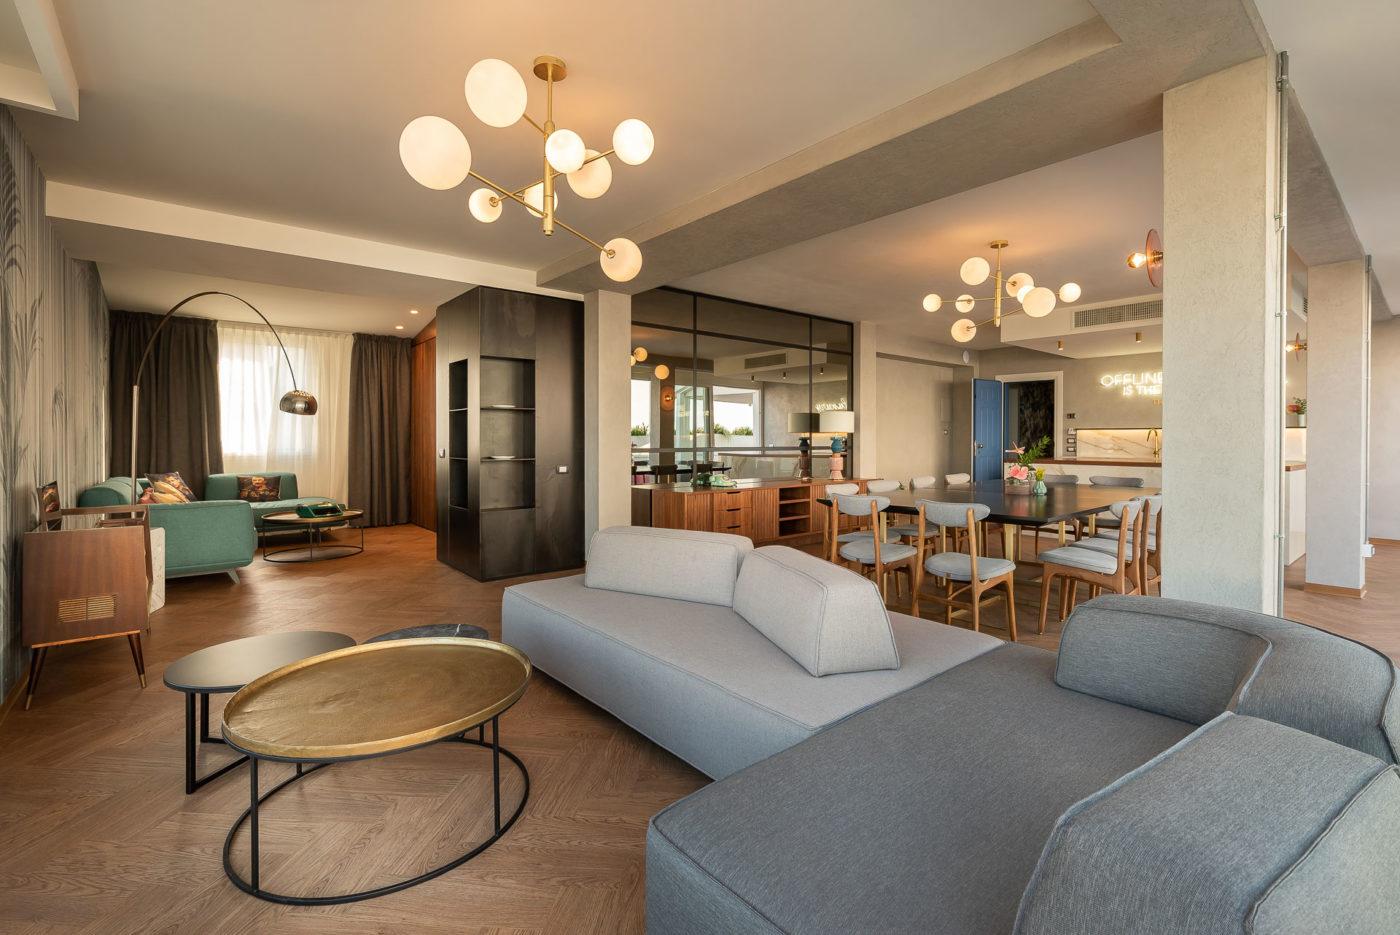 Appartamento meeting space del The Box Hotel di Riccione, l'aera living